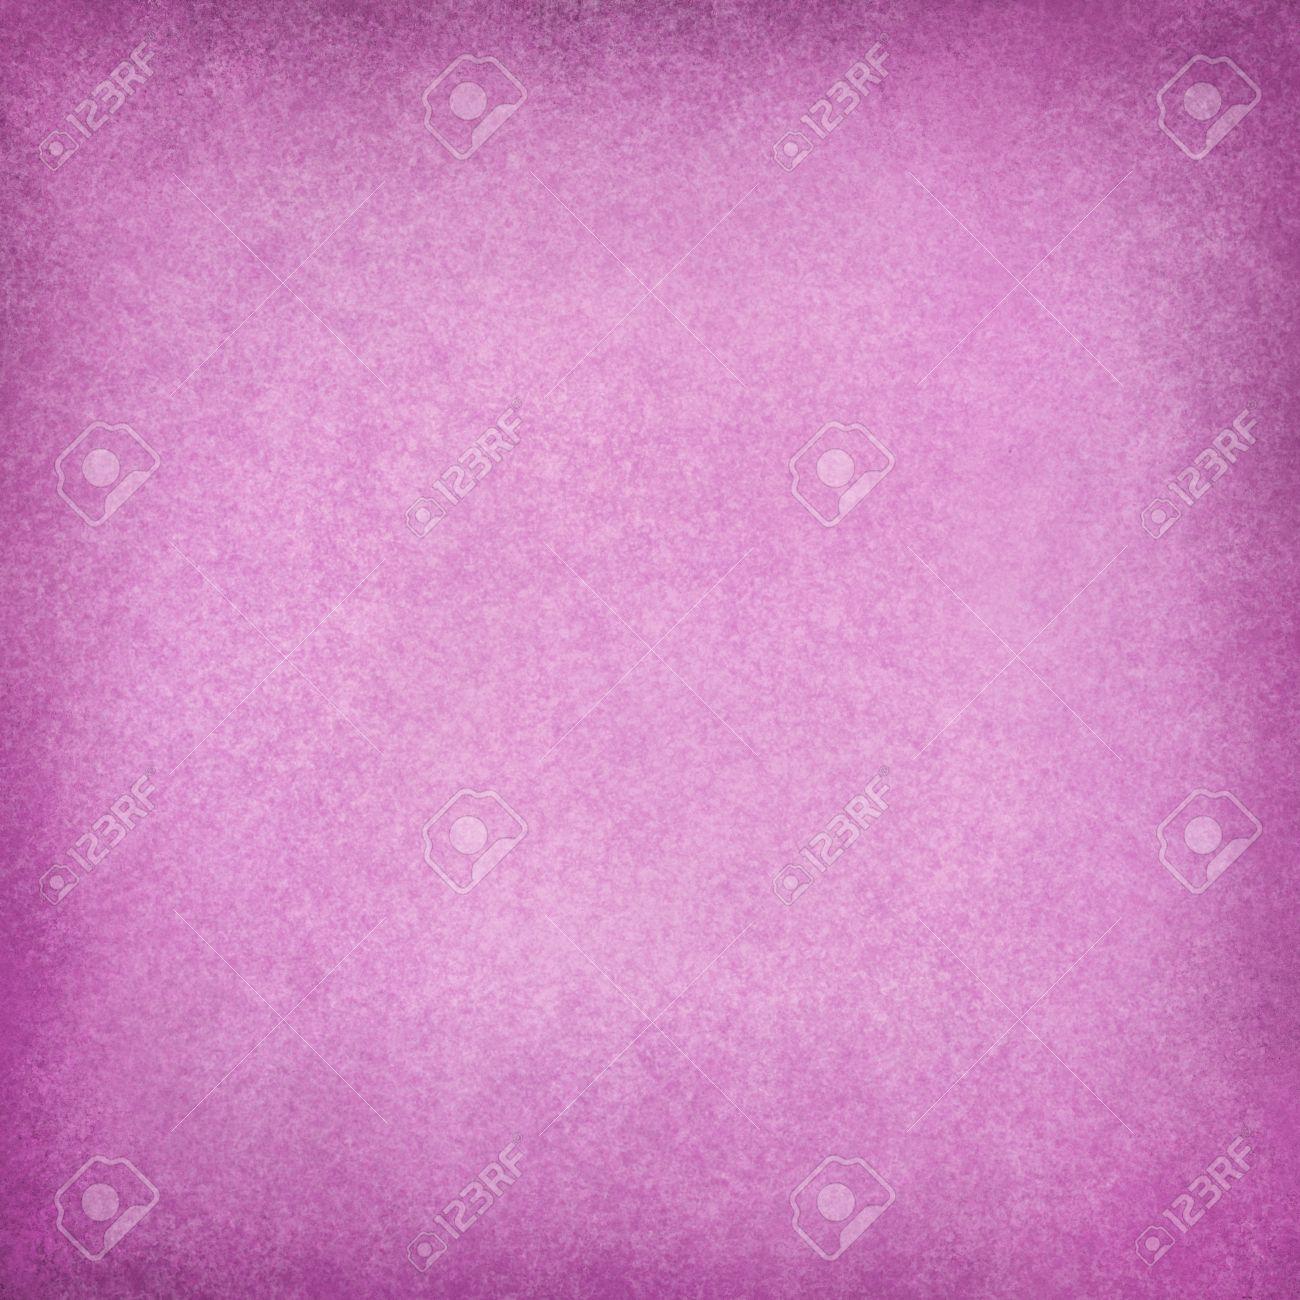 Web colors w3schools - E6e6fa Lavender Color Color Code Coloreminder